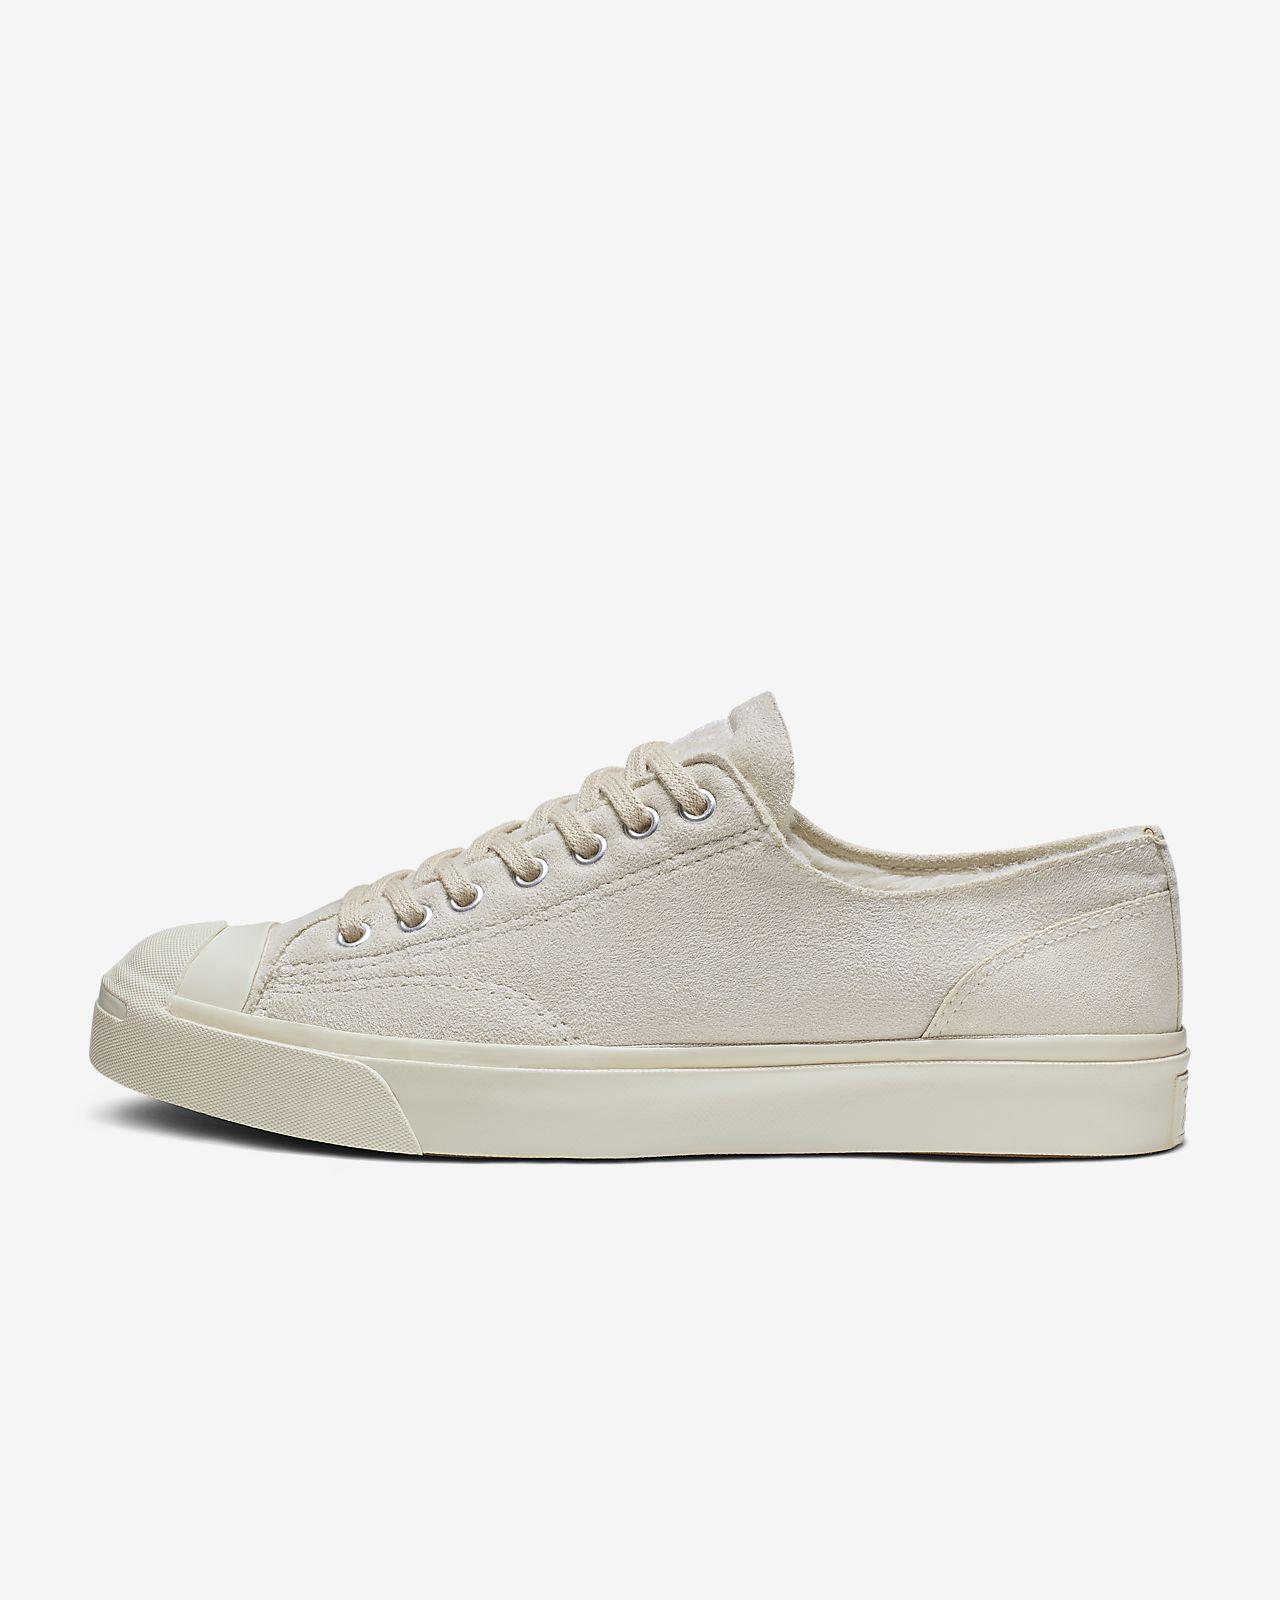 Converse x CLOT Jack Purcell Unisex Shoe